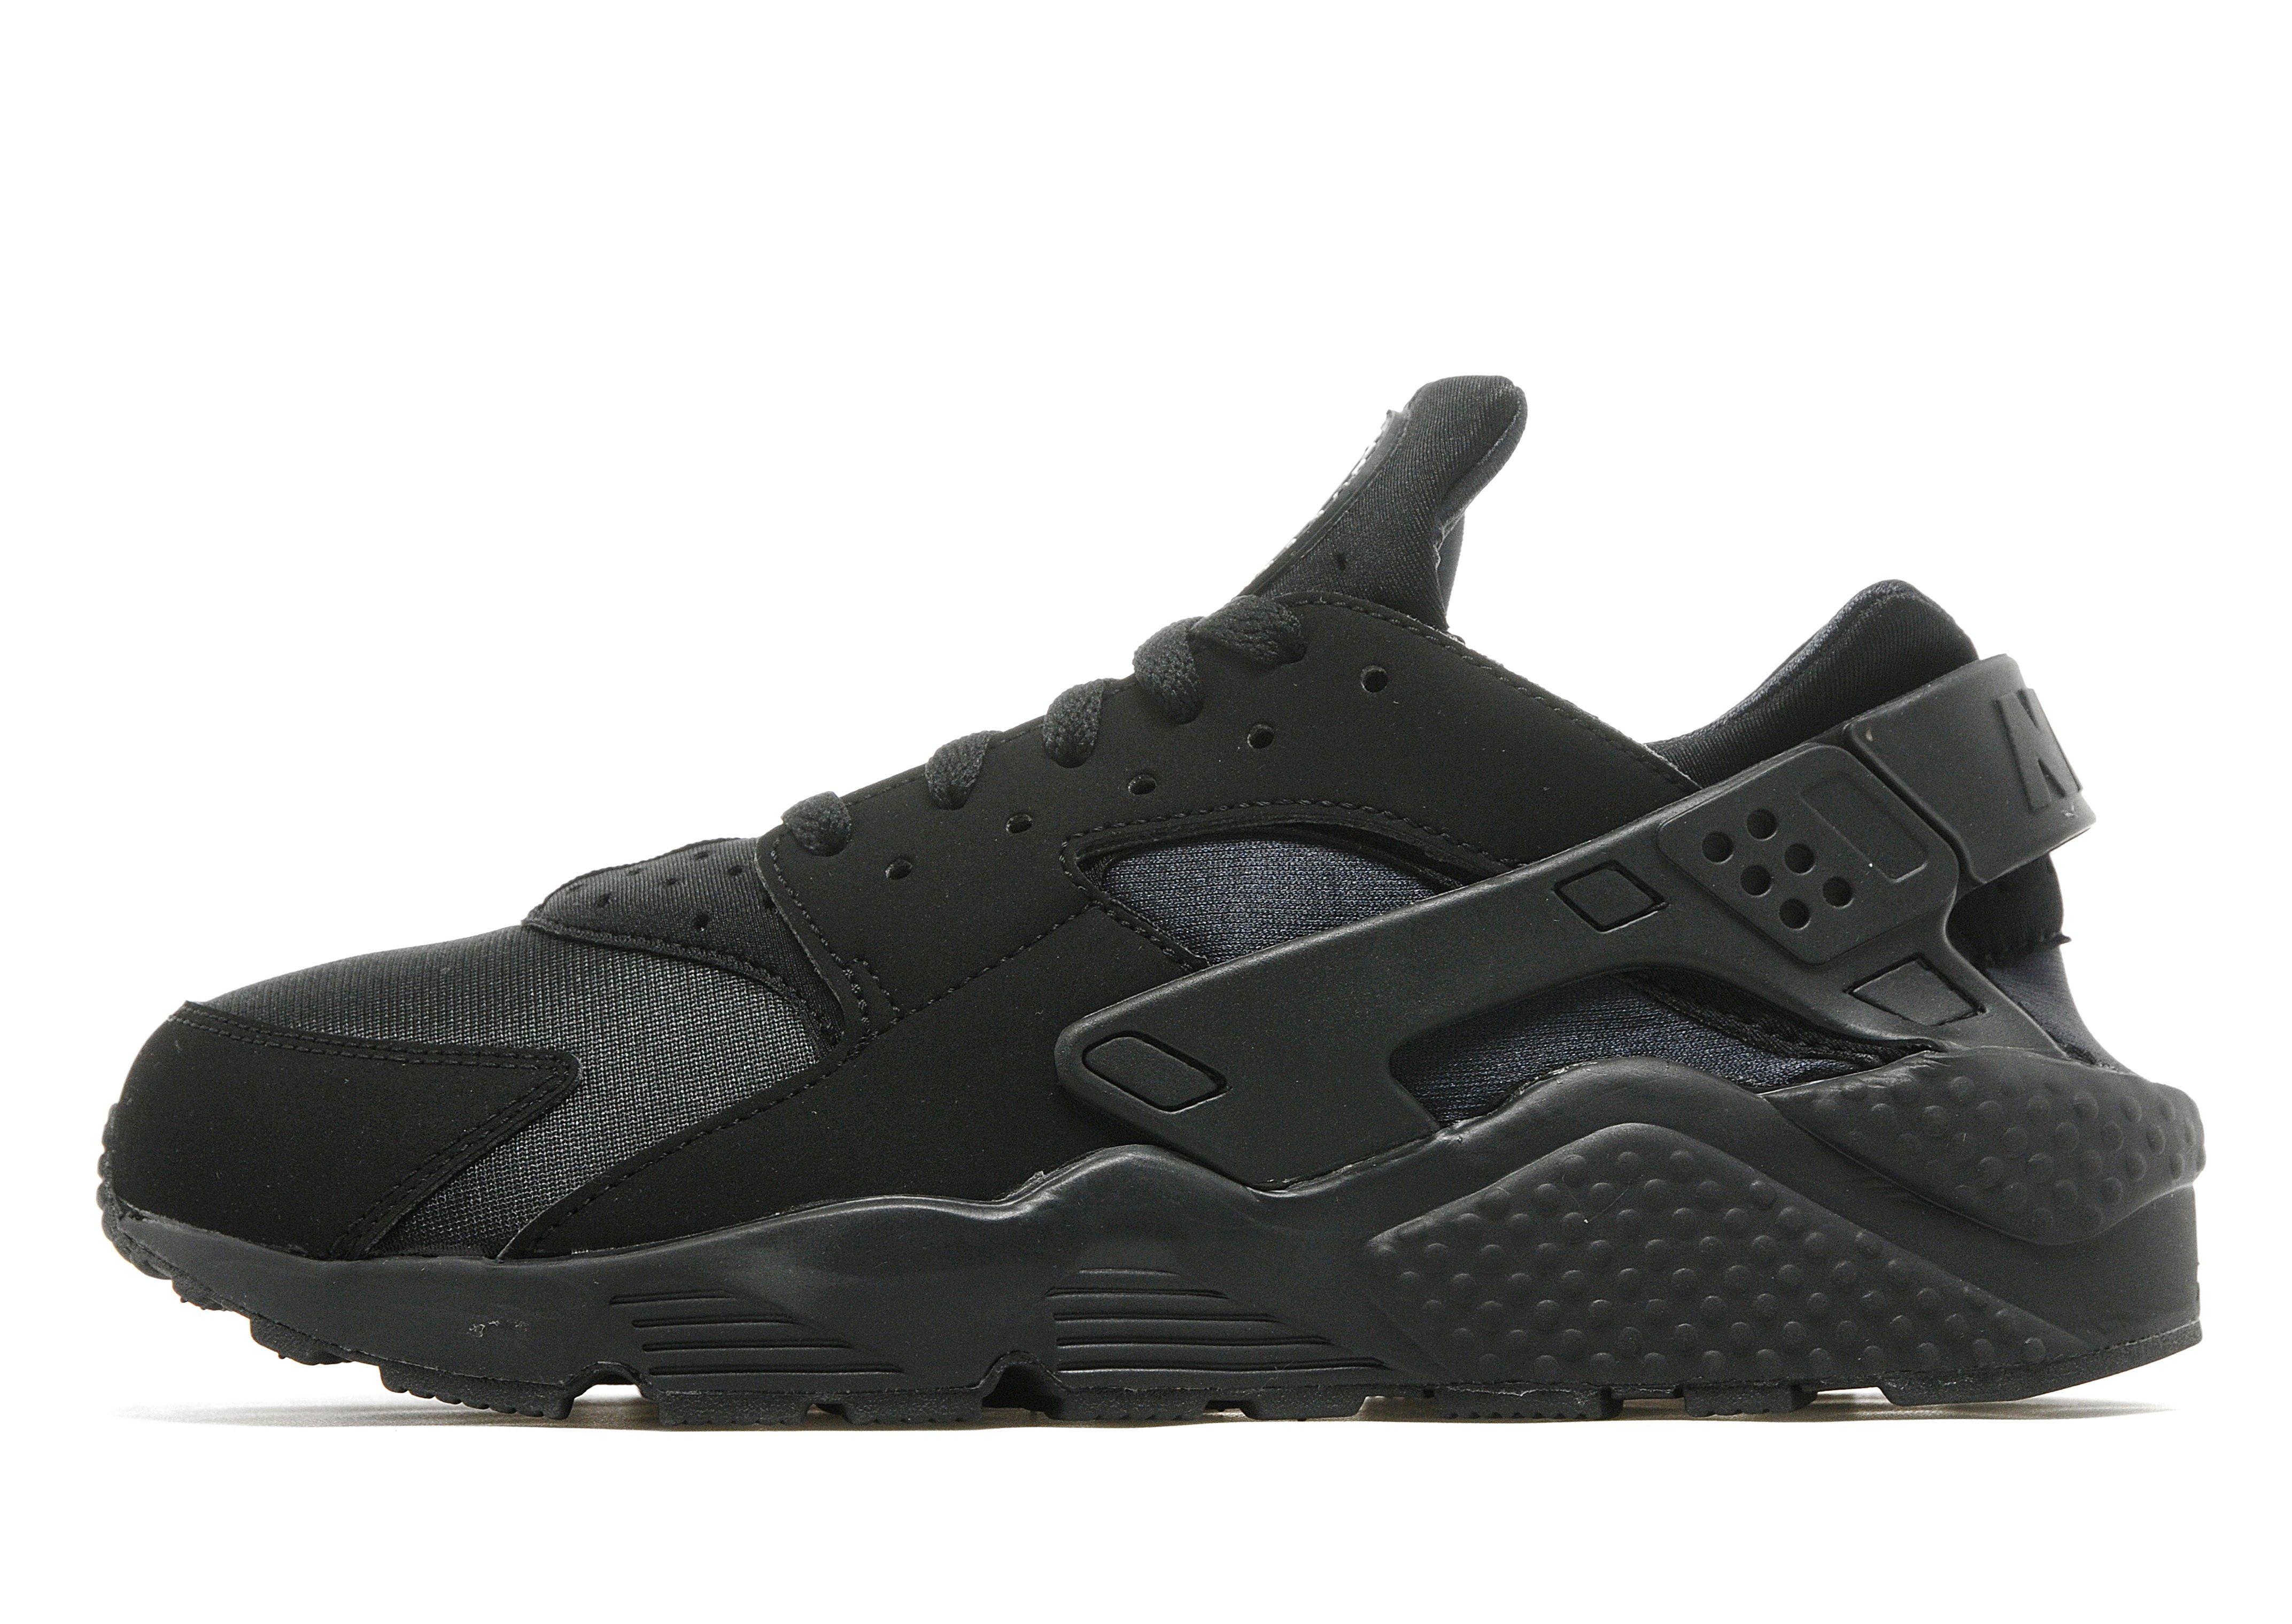 Nike Air Max 90 Lueur Dans Le Noir Jd Sport Noir